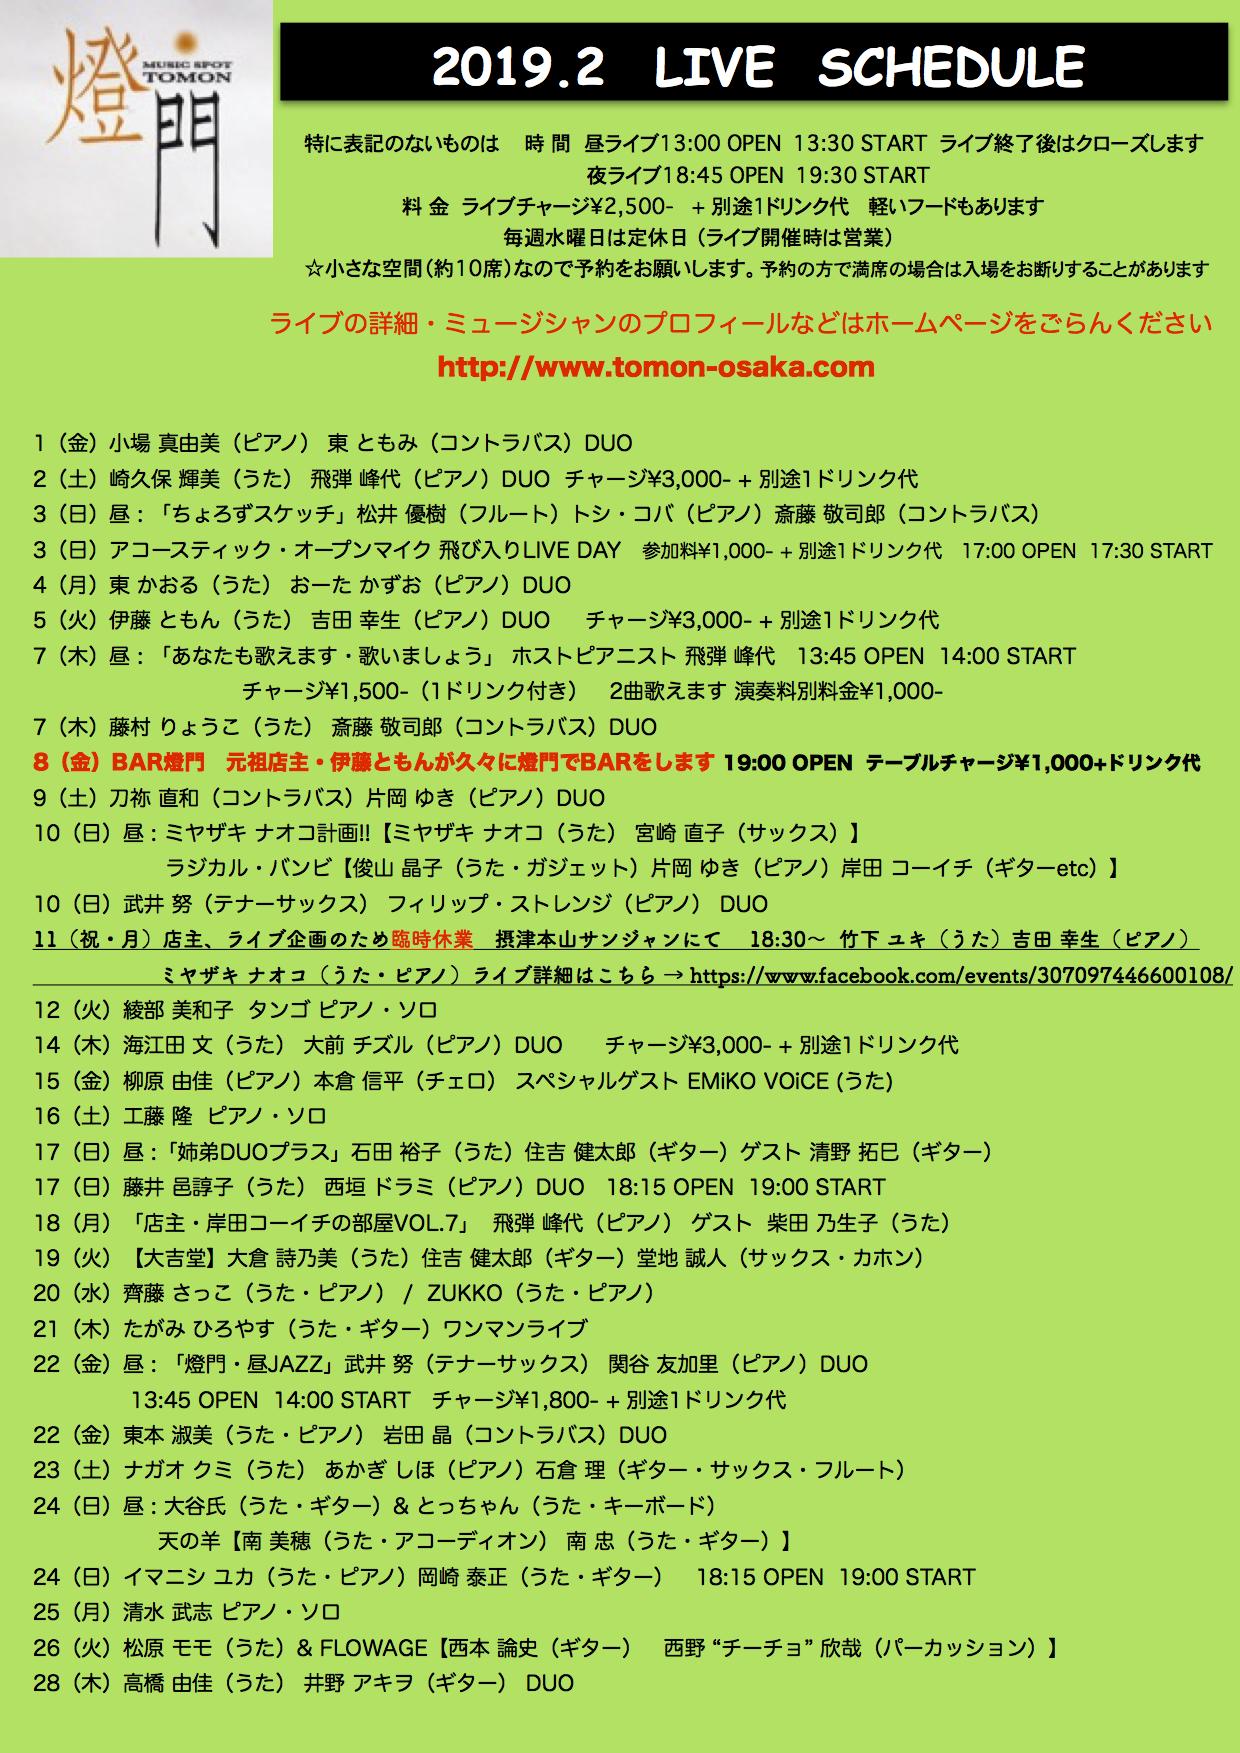 2019年2月ライブ予定(12.28現在)